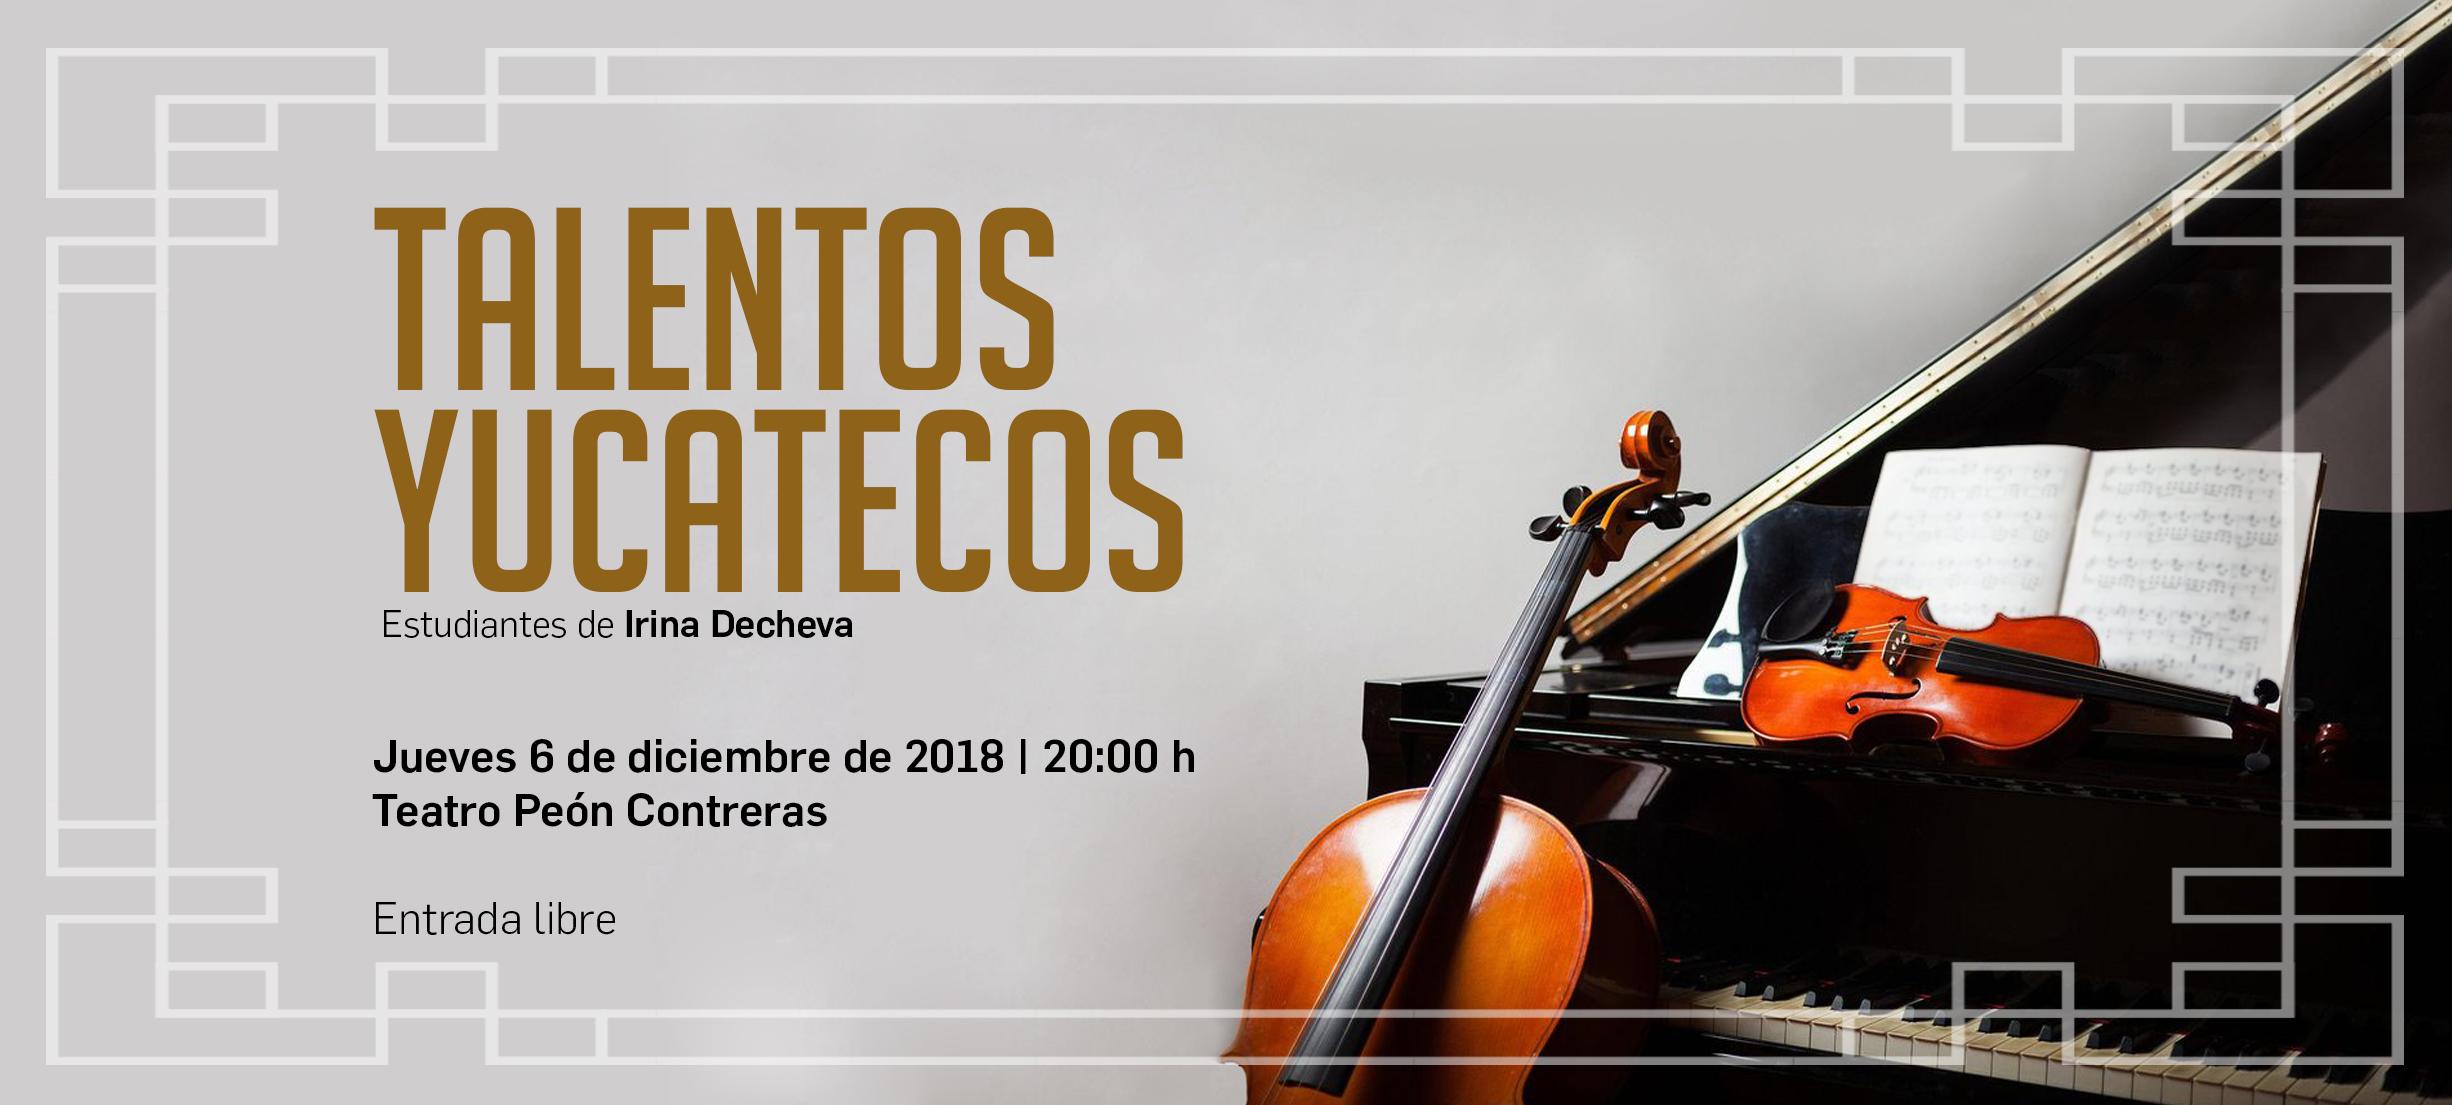 TALENTOS_YUCATECOS